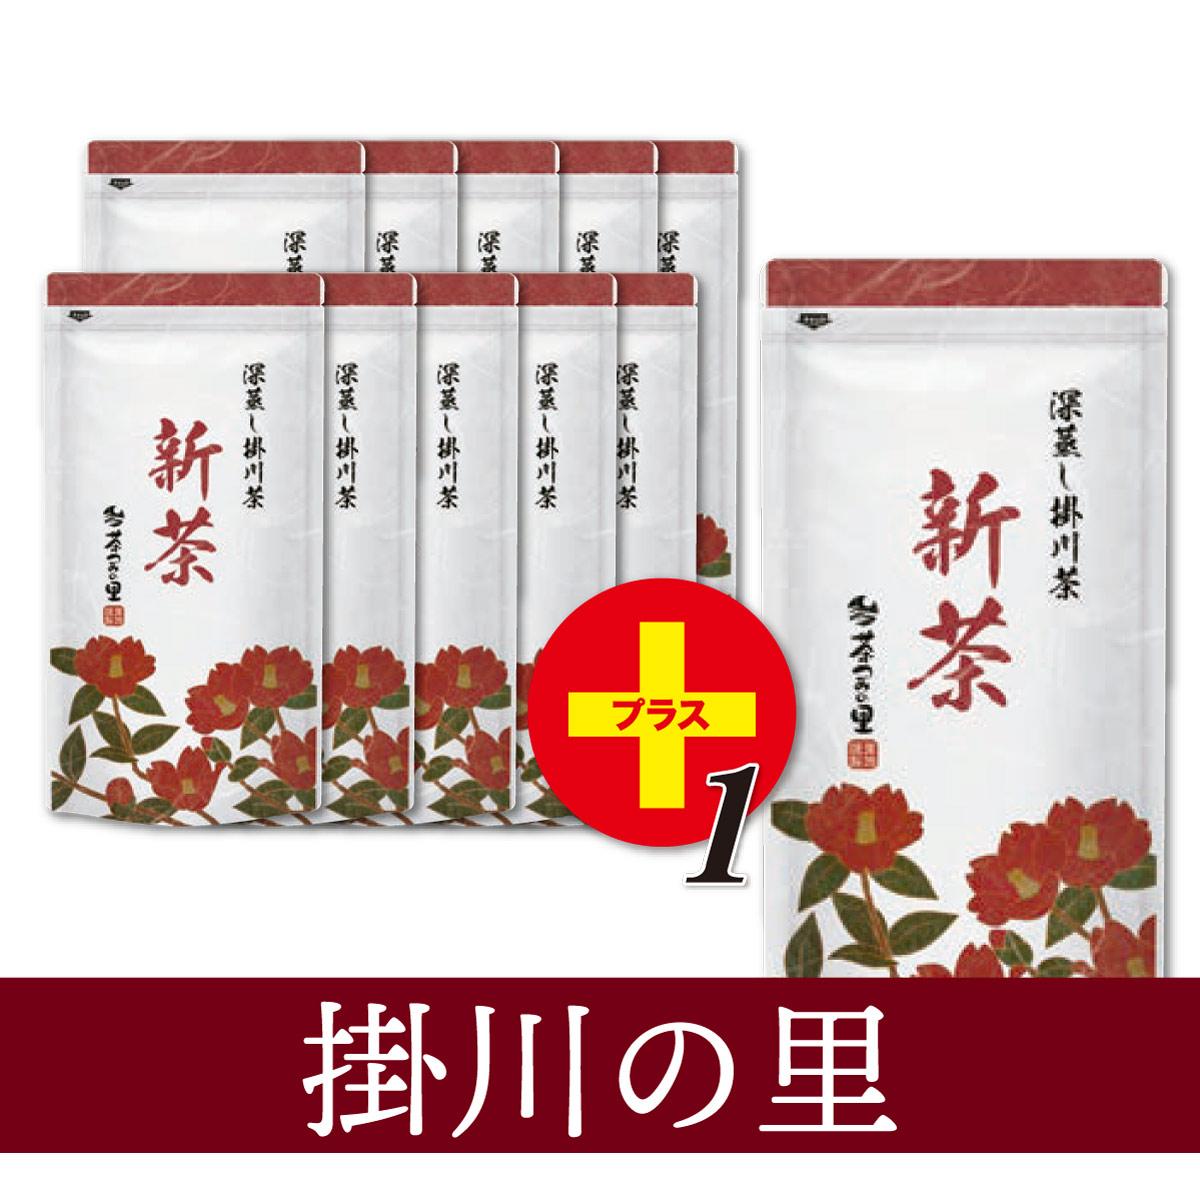 【予約商品】<新茶>掛川の里(100g袋入×11本)※10本価格で11本!<5月31日まで>